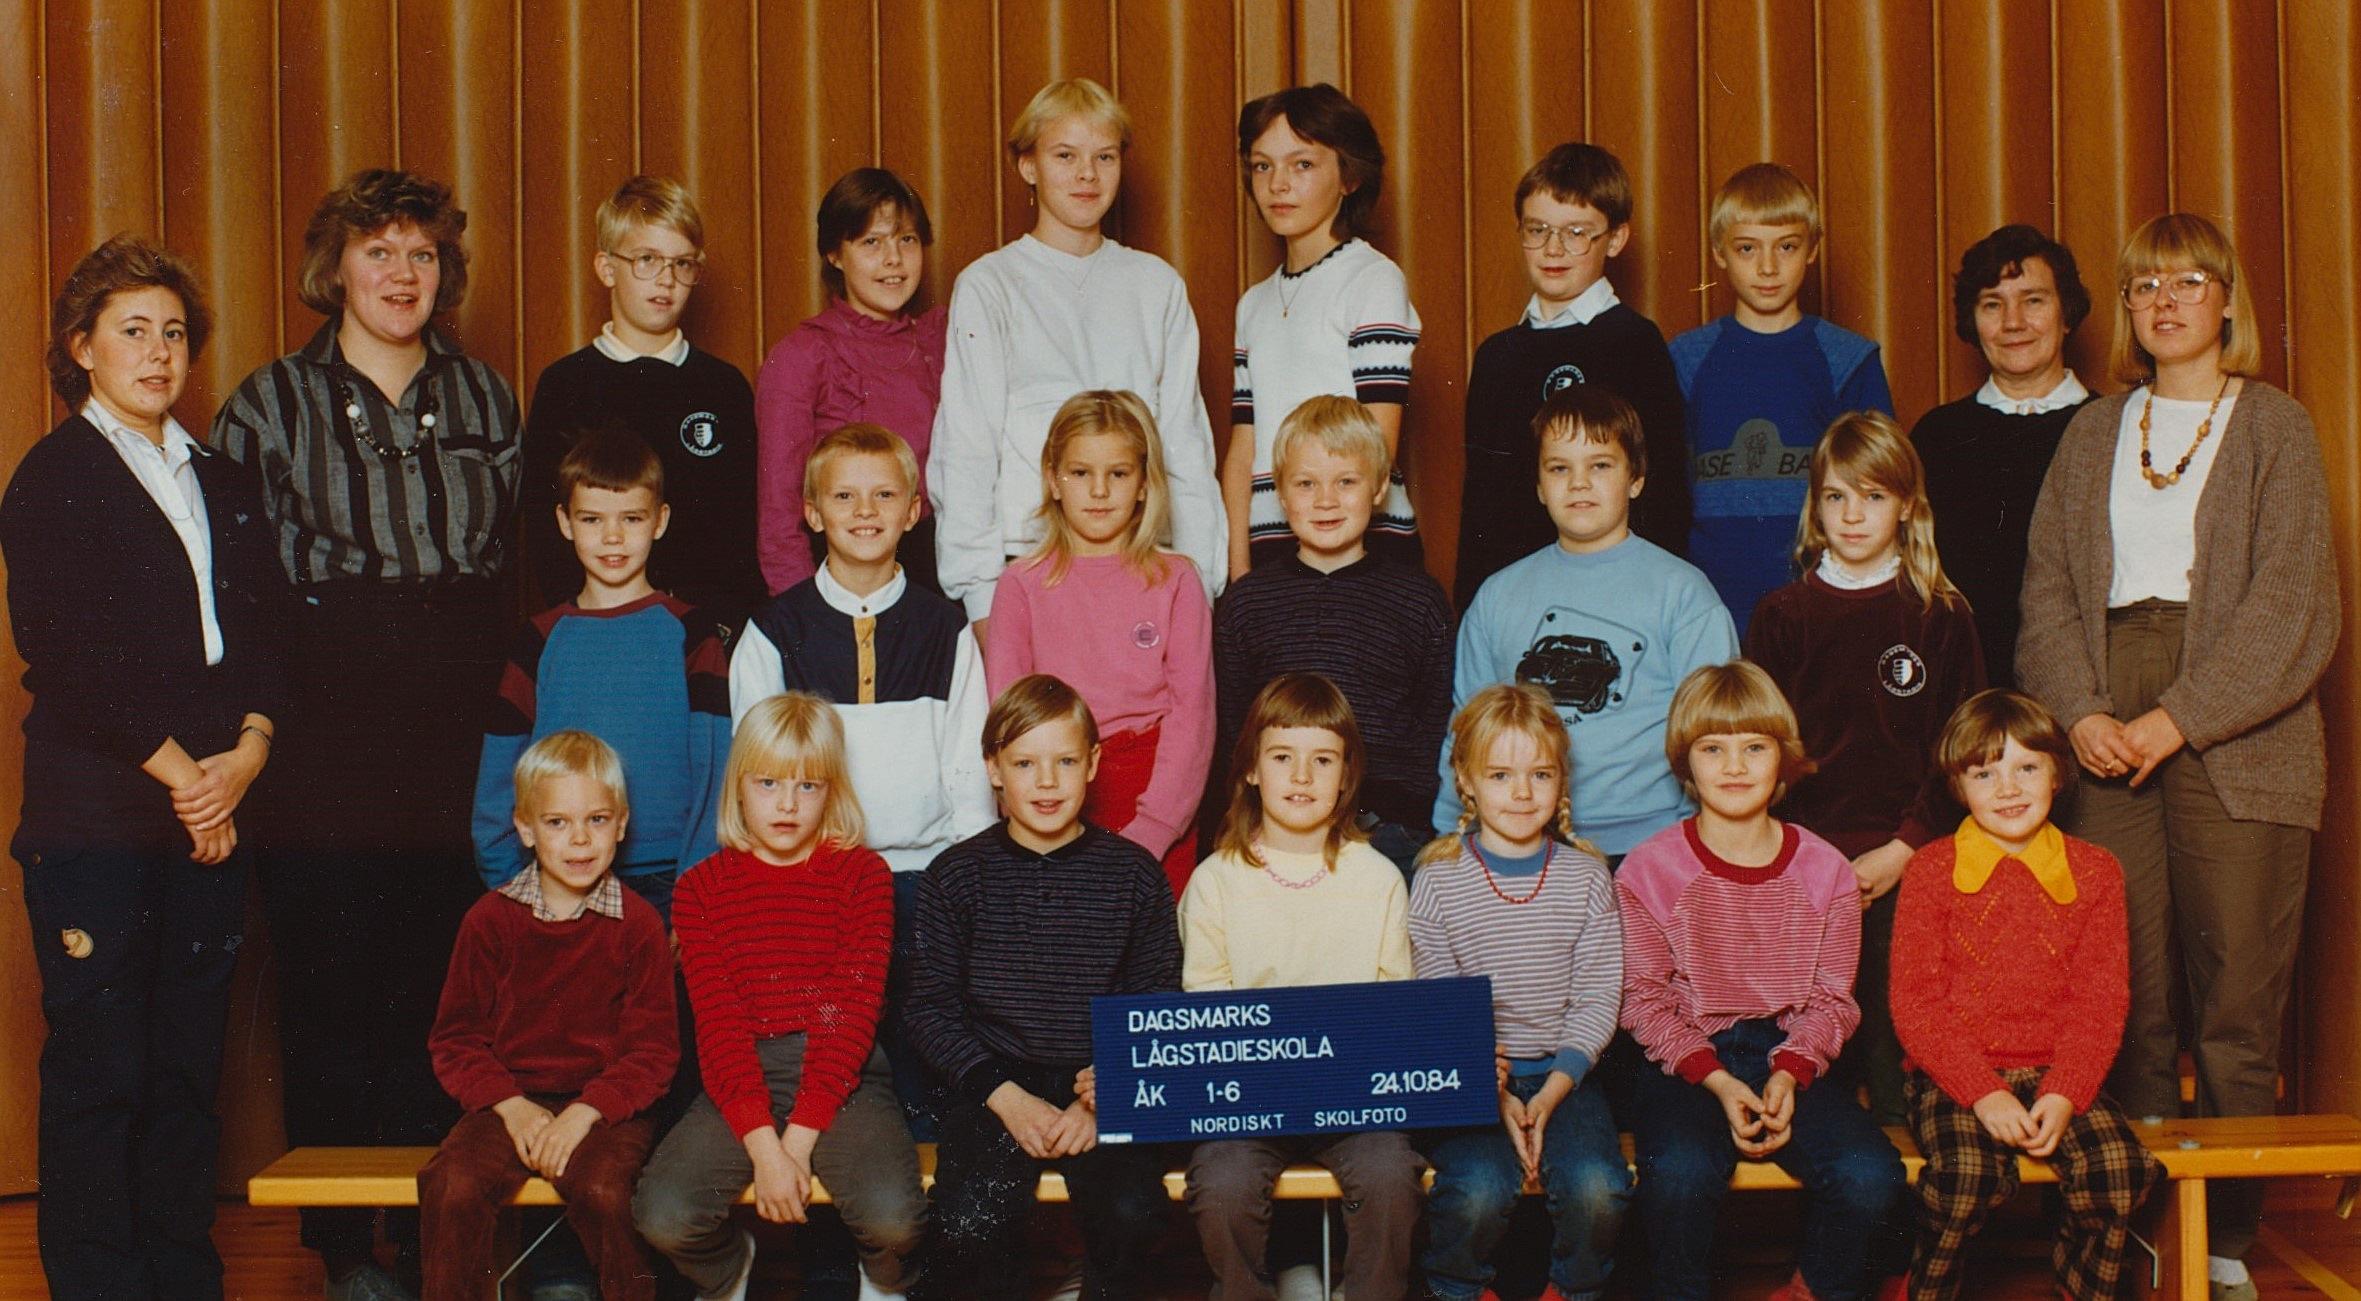 År 1984, Dagsmark lågstadieskola.